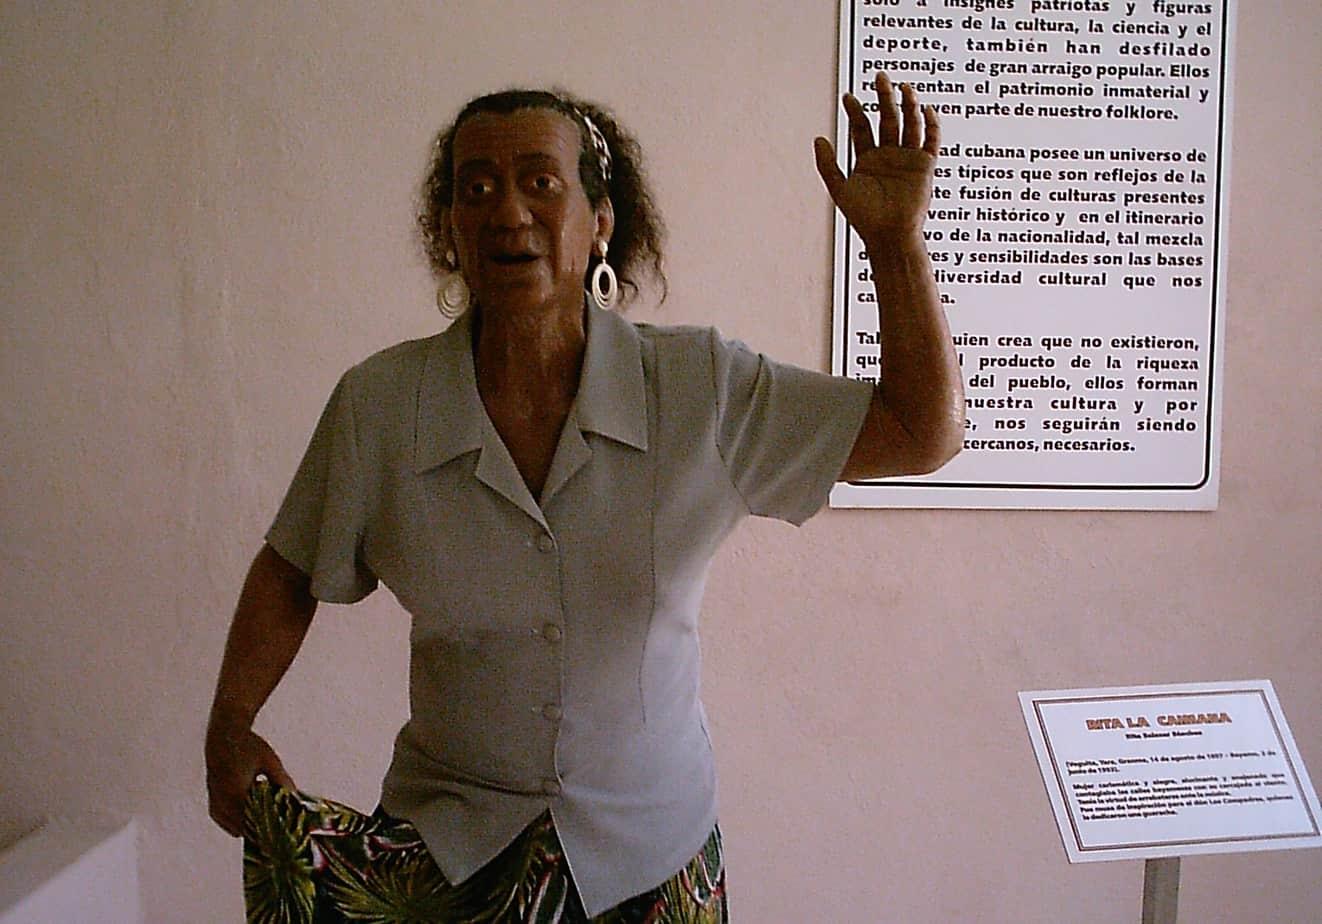 Rita, La Caimana: ¿Una mujer que es leyenda o realidad en el imaginario cubano??